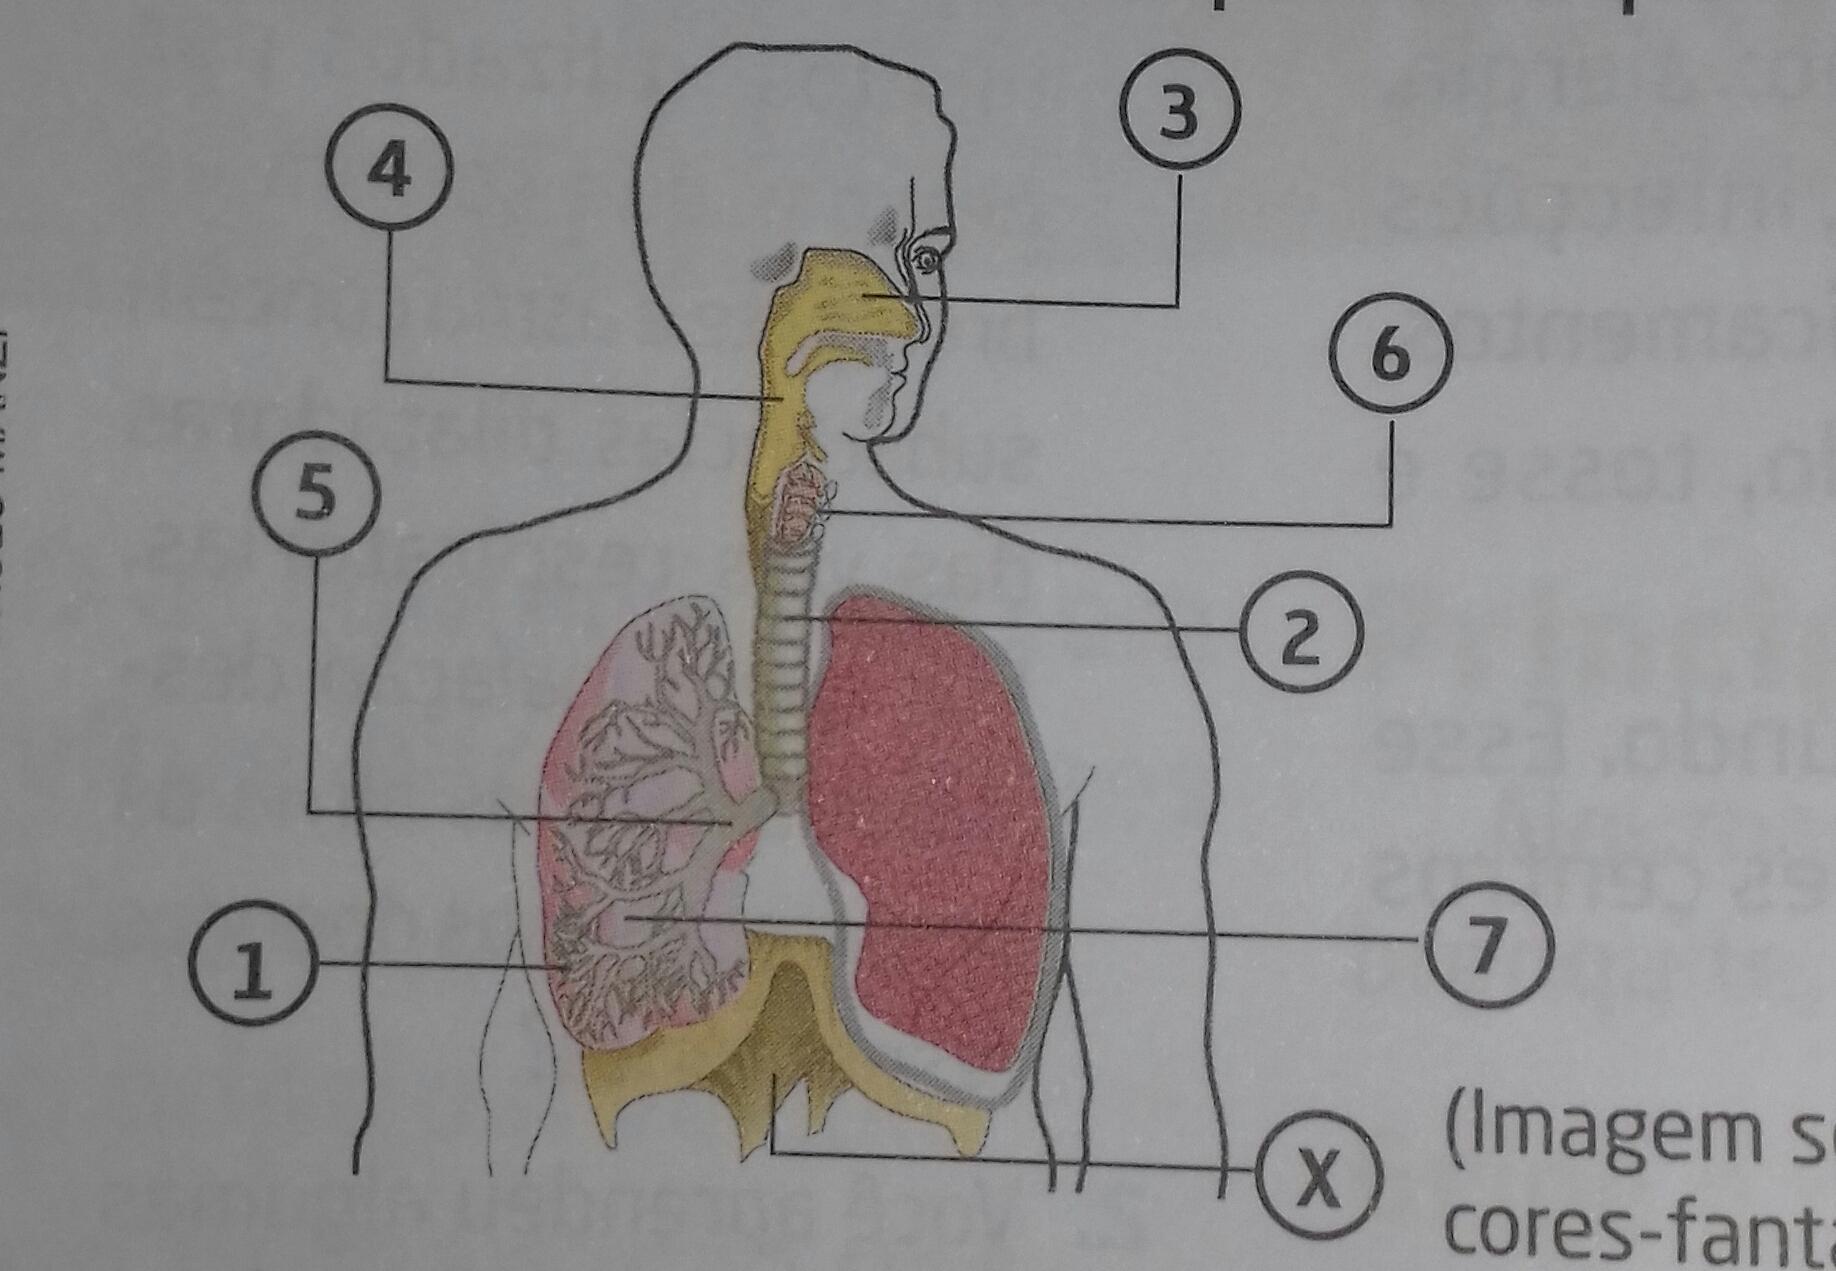 indique a localização dos alvéolos pulmonares. - Brainly.com.br